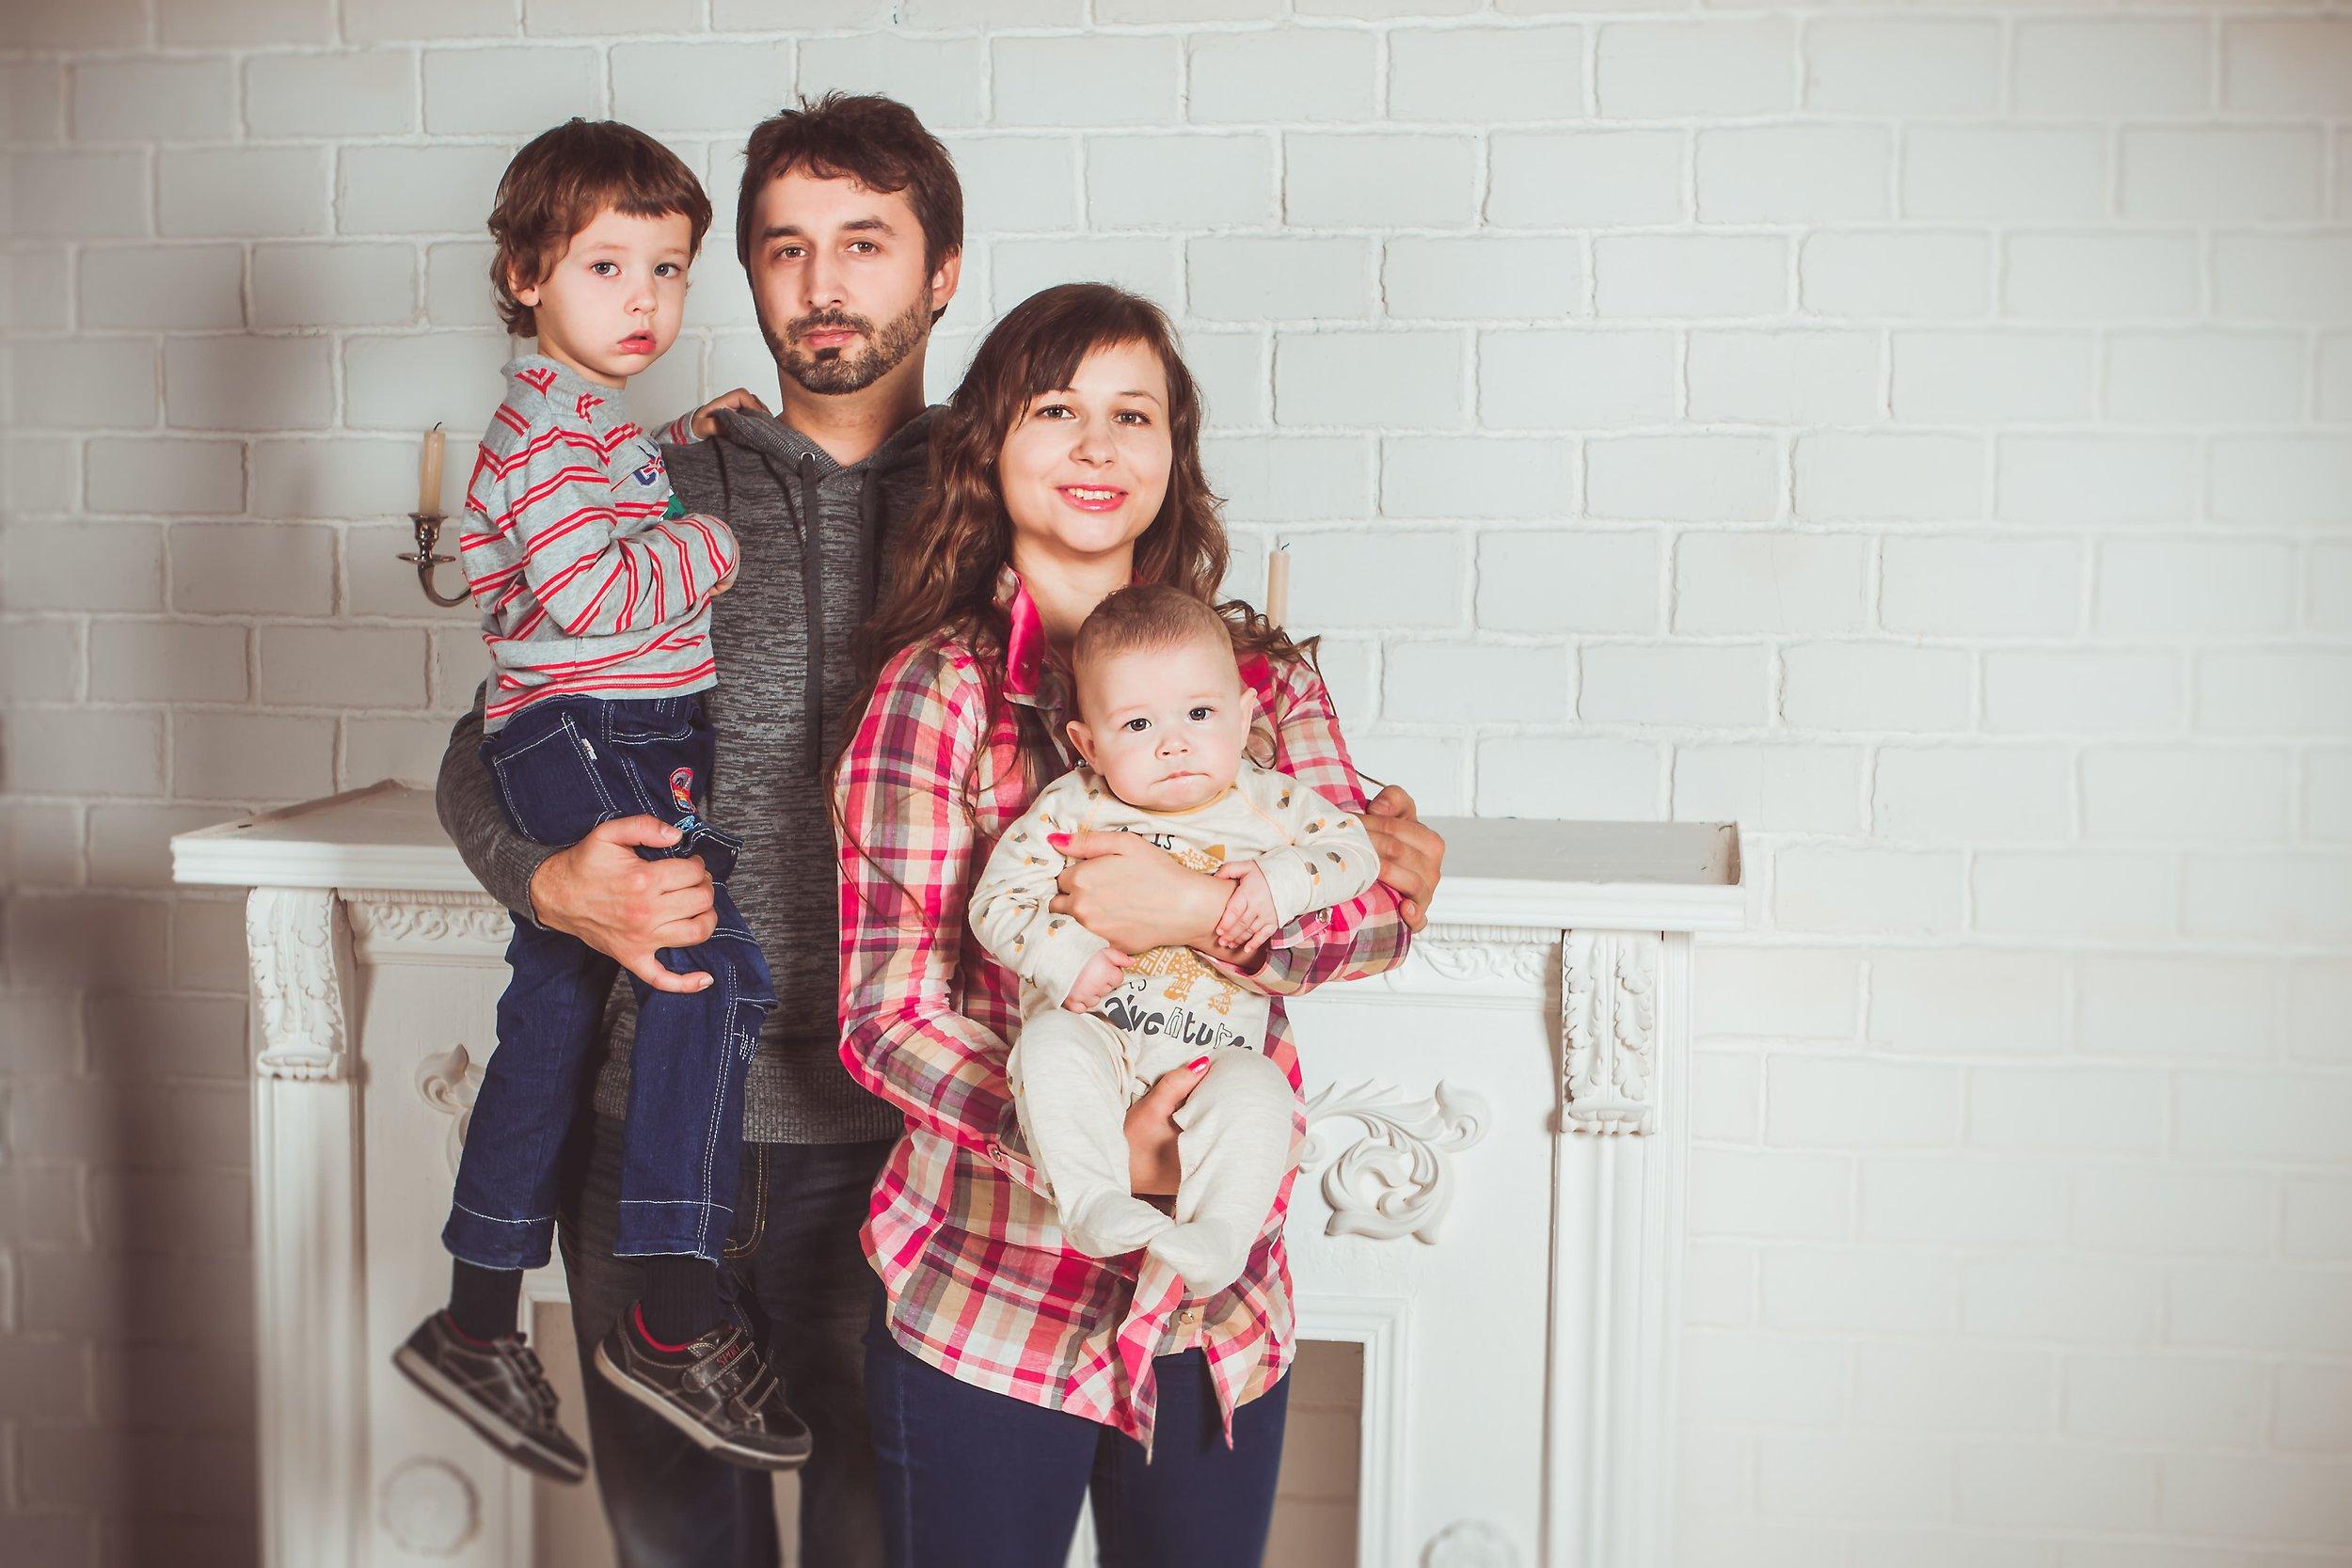 children-family-fashion-1648387-min.jpg